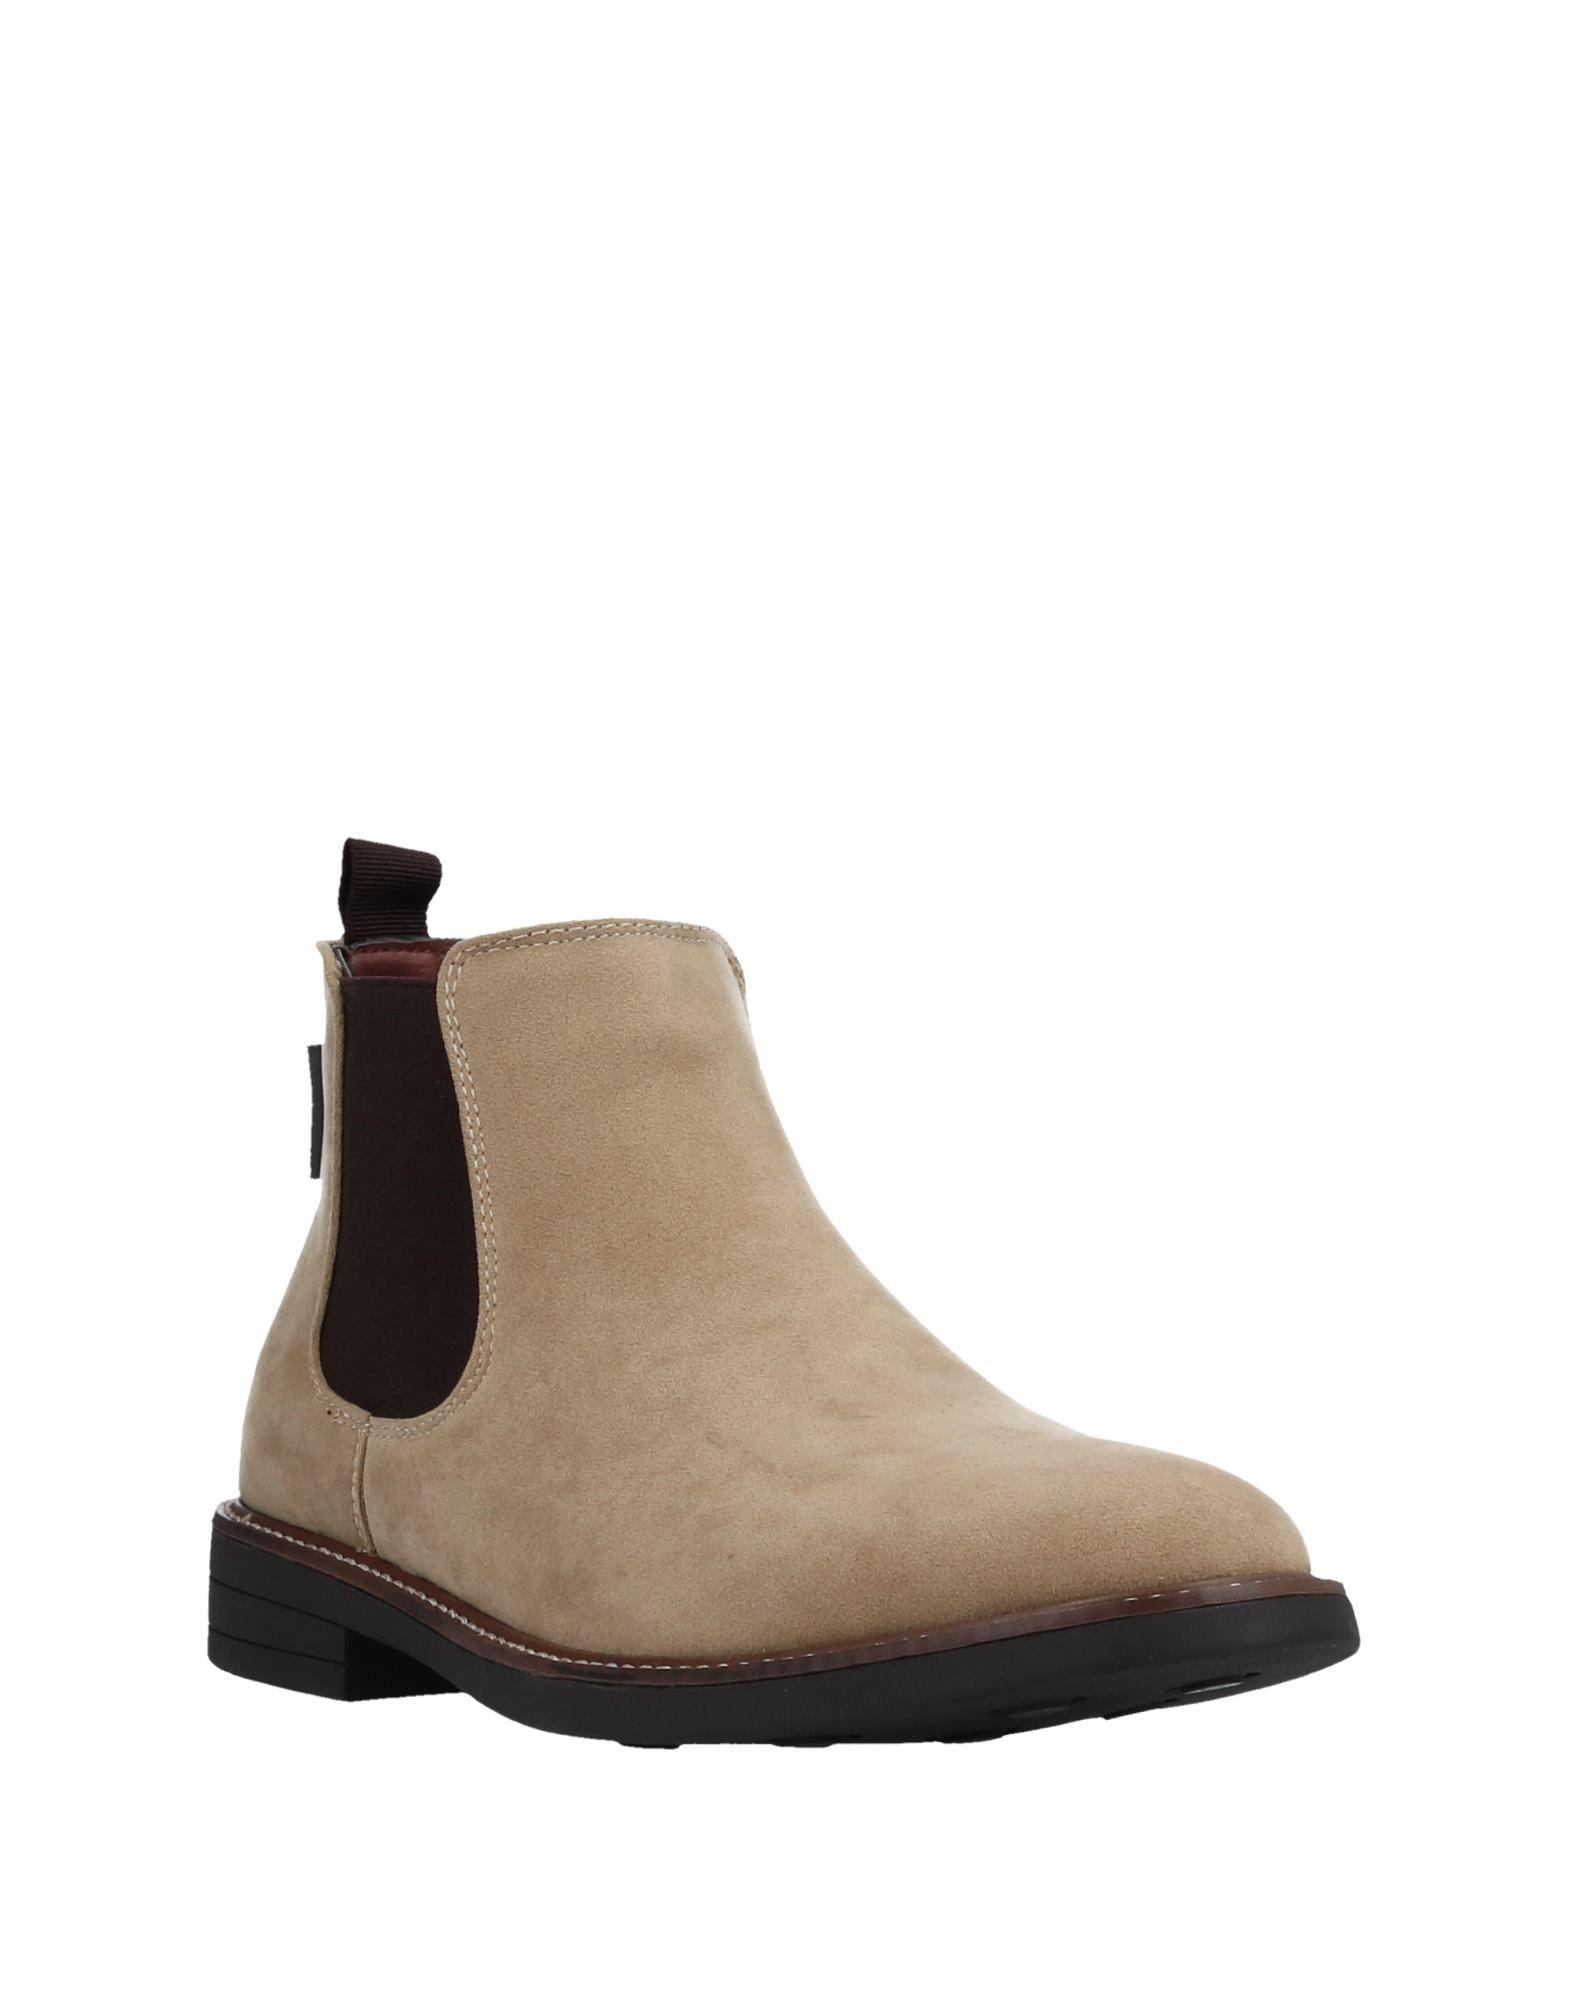 Rabatt Sherman echte Schuhe Ben Sherman Rabatt Stiefelette Herren  11510707BJ 633aae